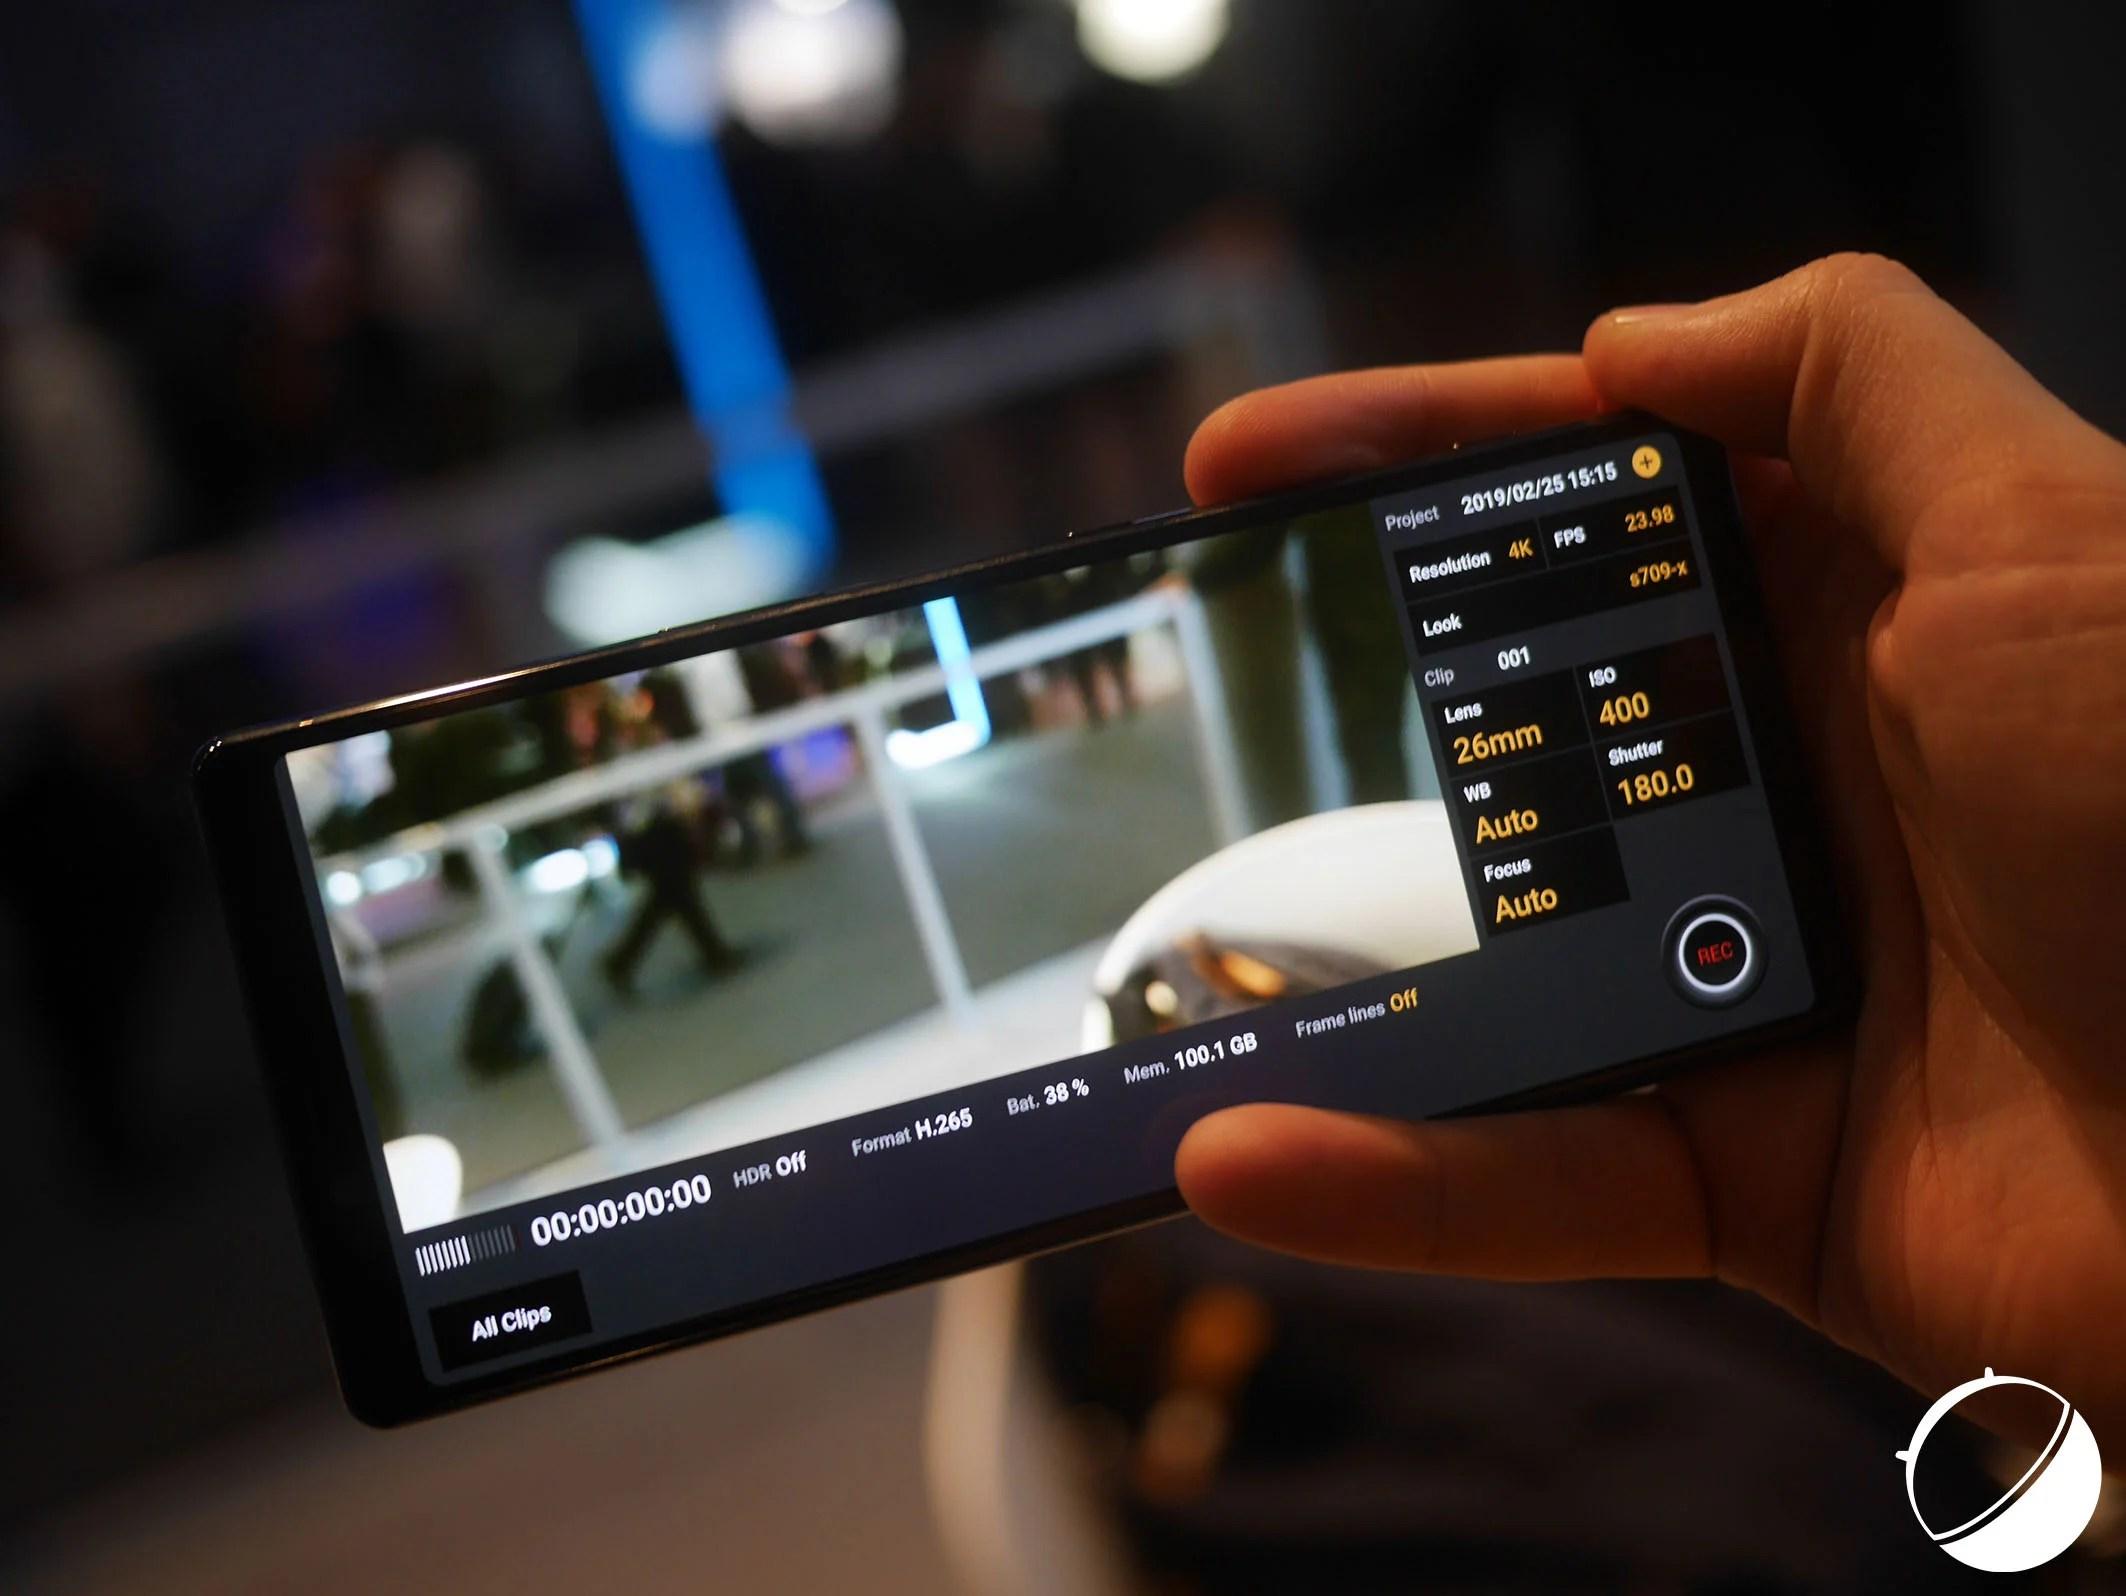 Sony (Xperia) travaille enfin avec Sony (Alpha) pour l'appareil photo de ses smartphones